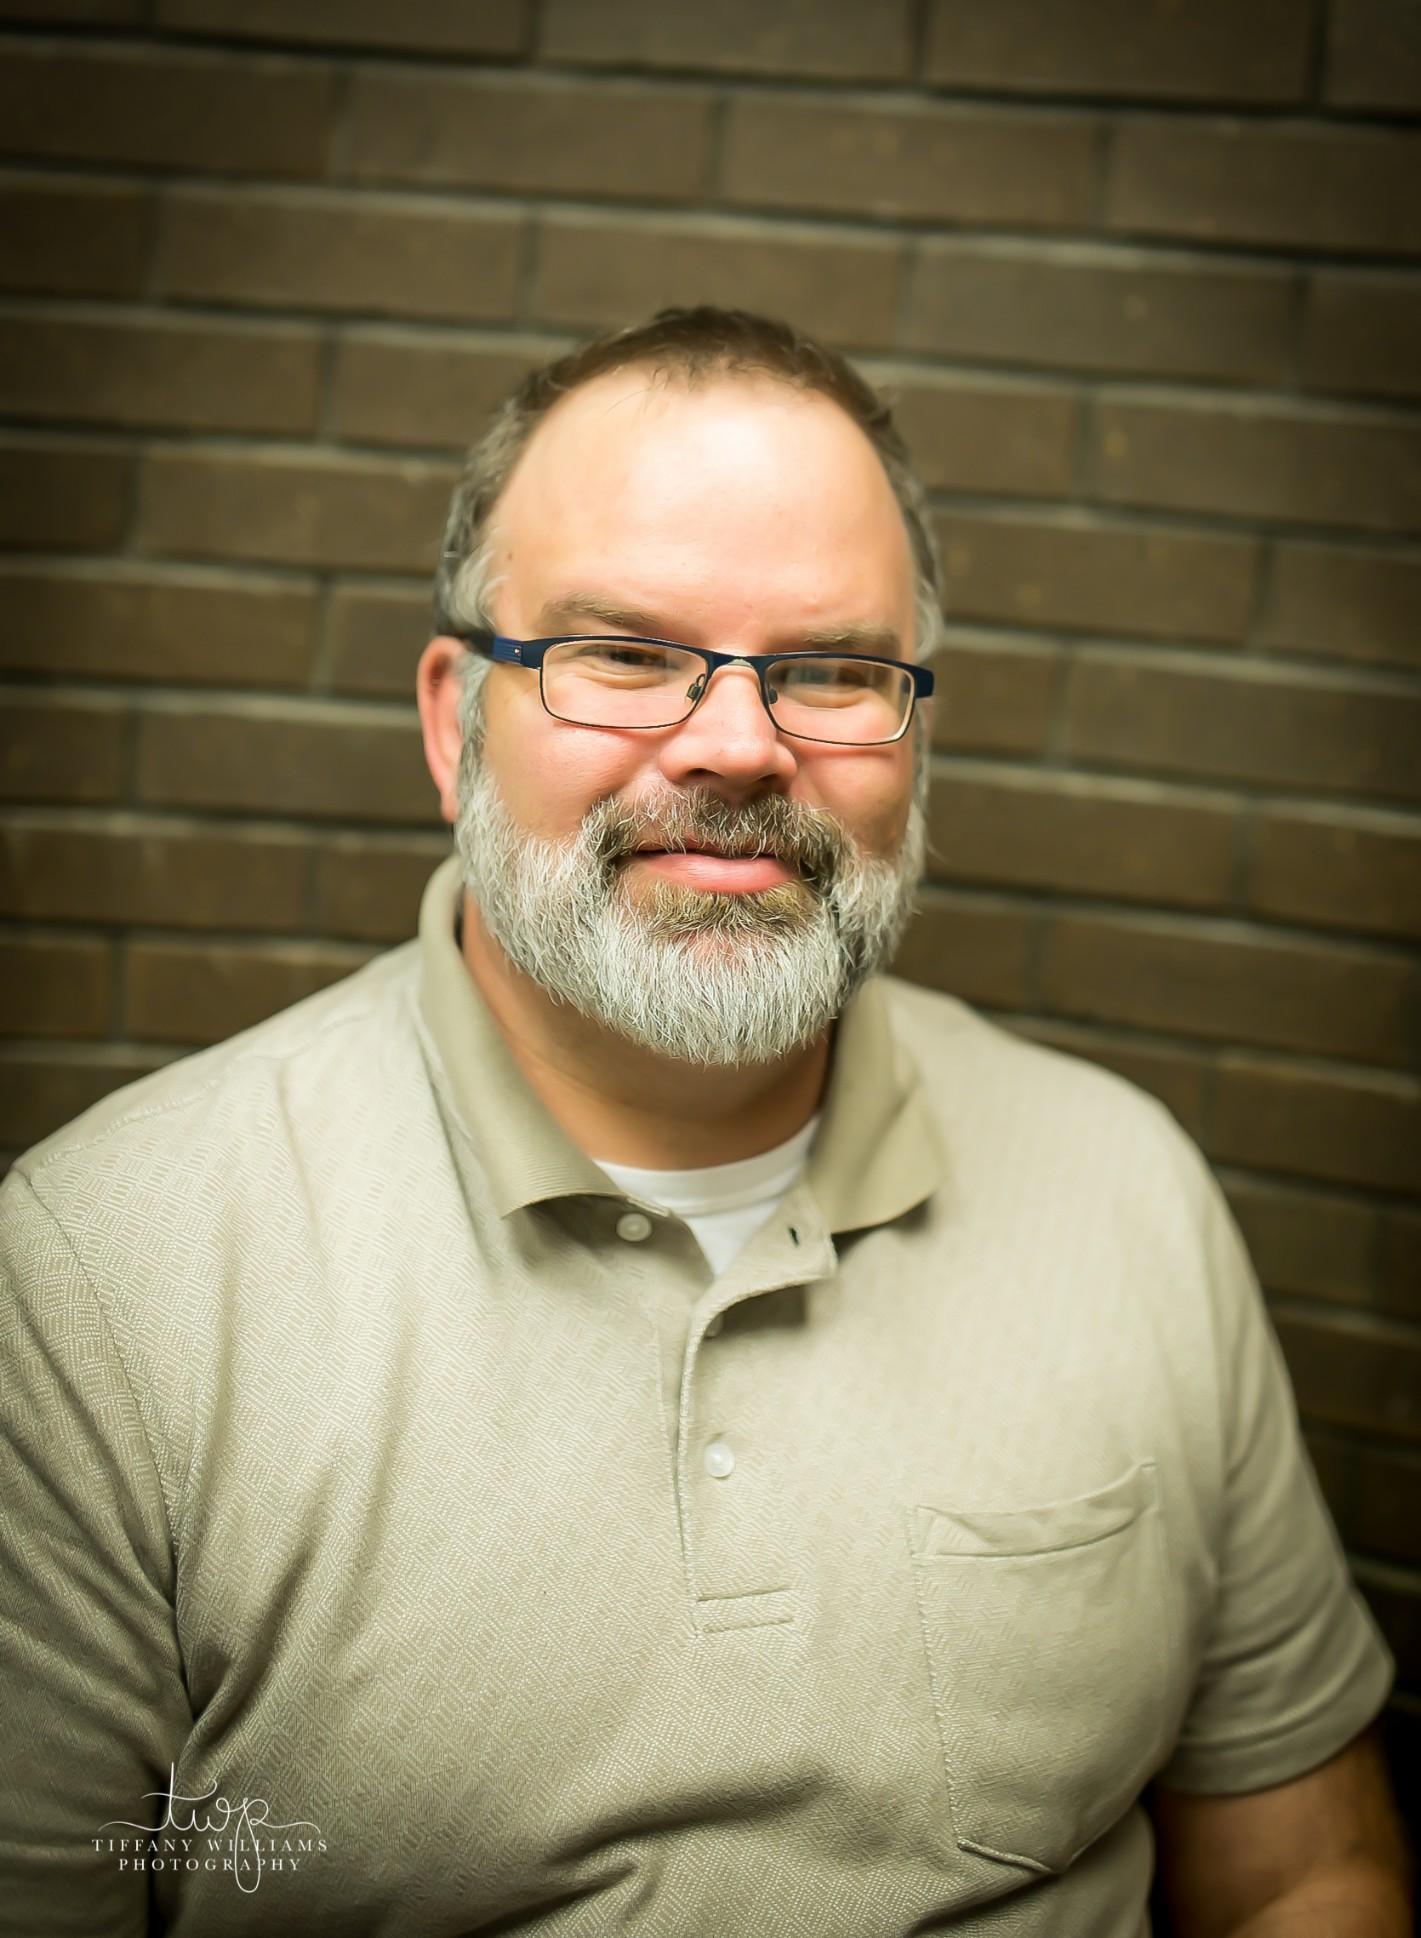 Dave Kling